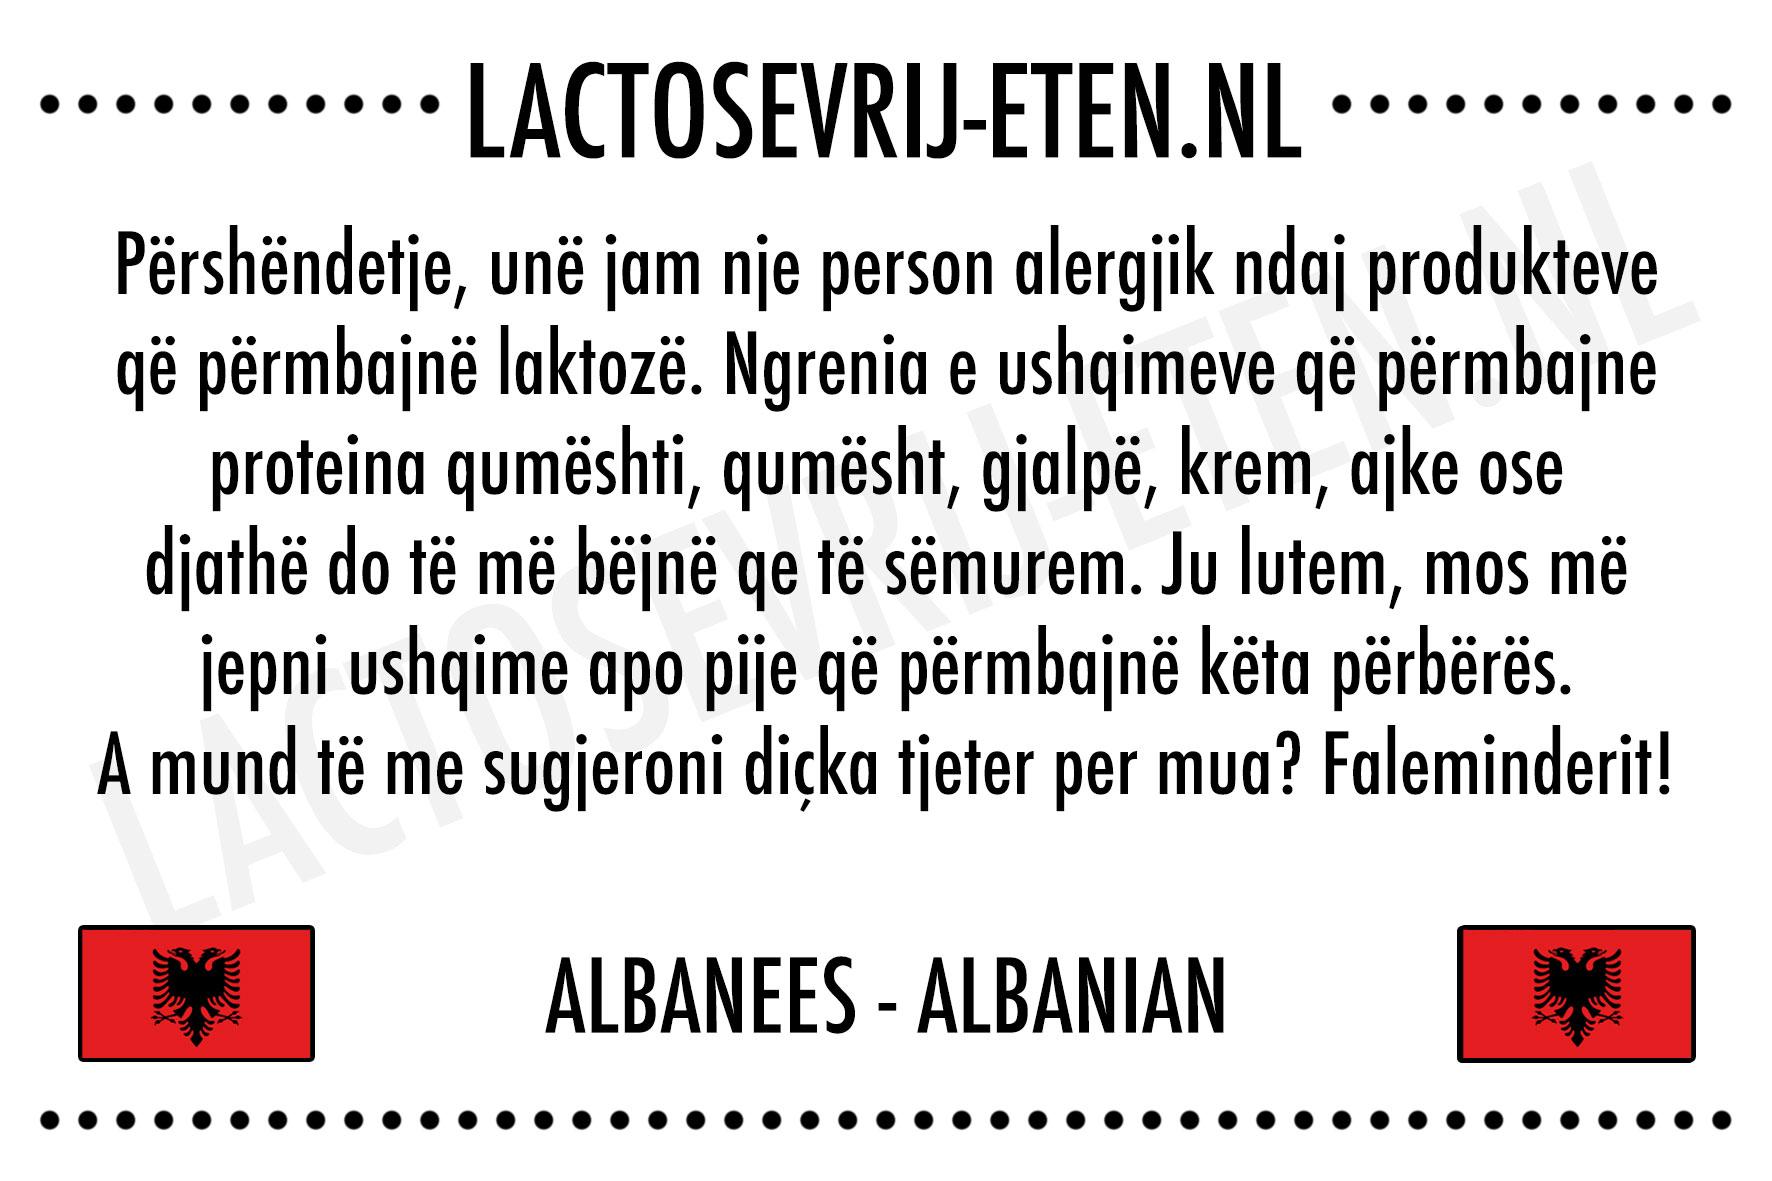 Lactosevrije allergenenkaart Albanees